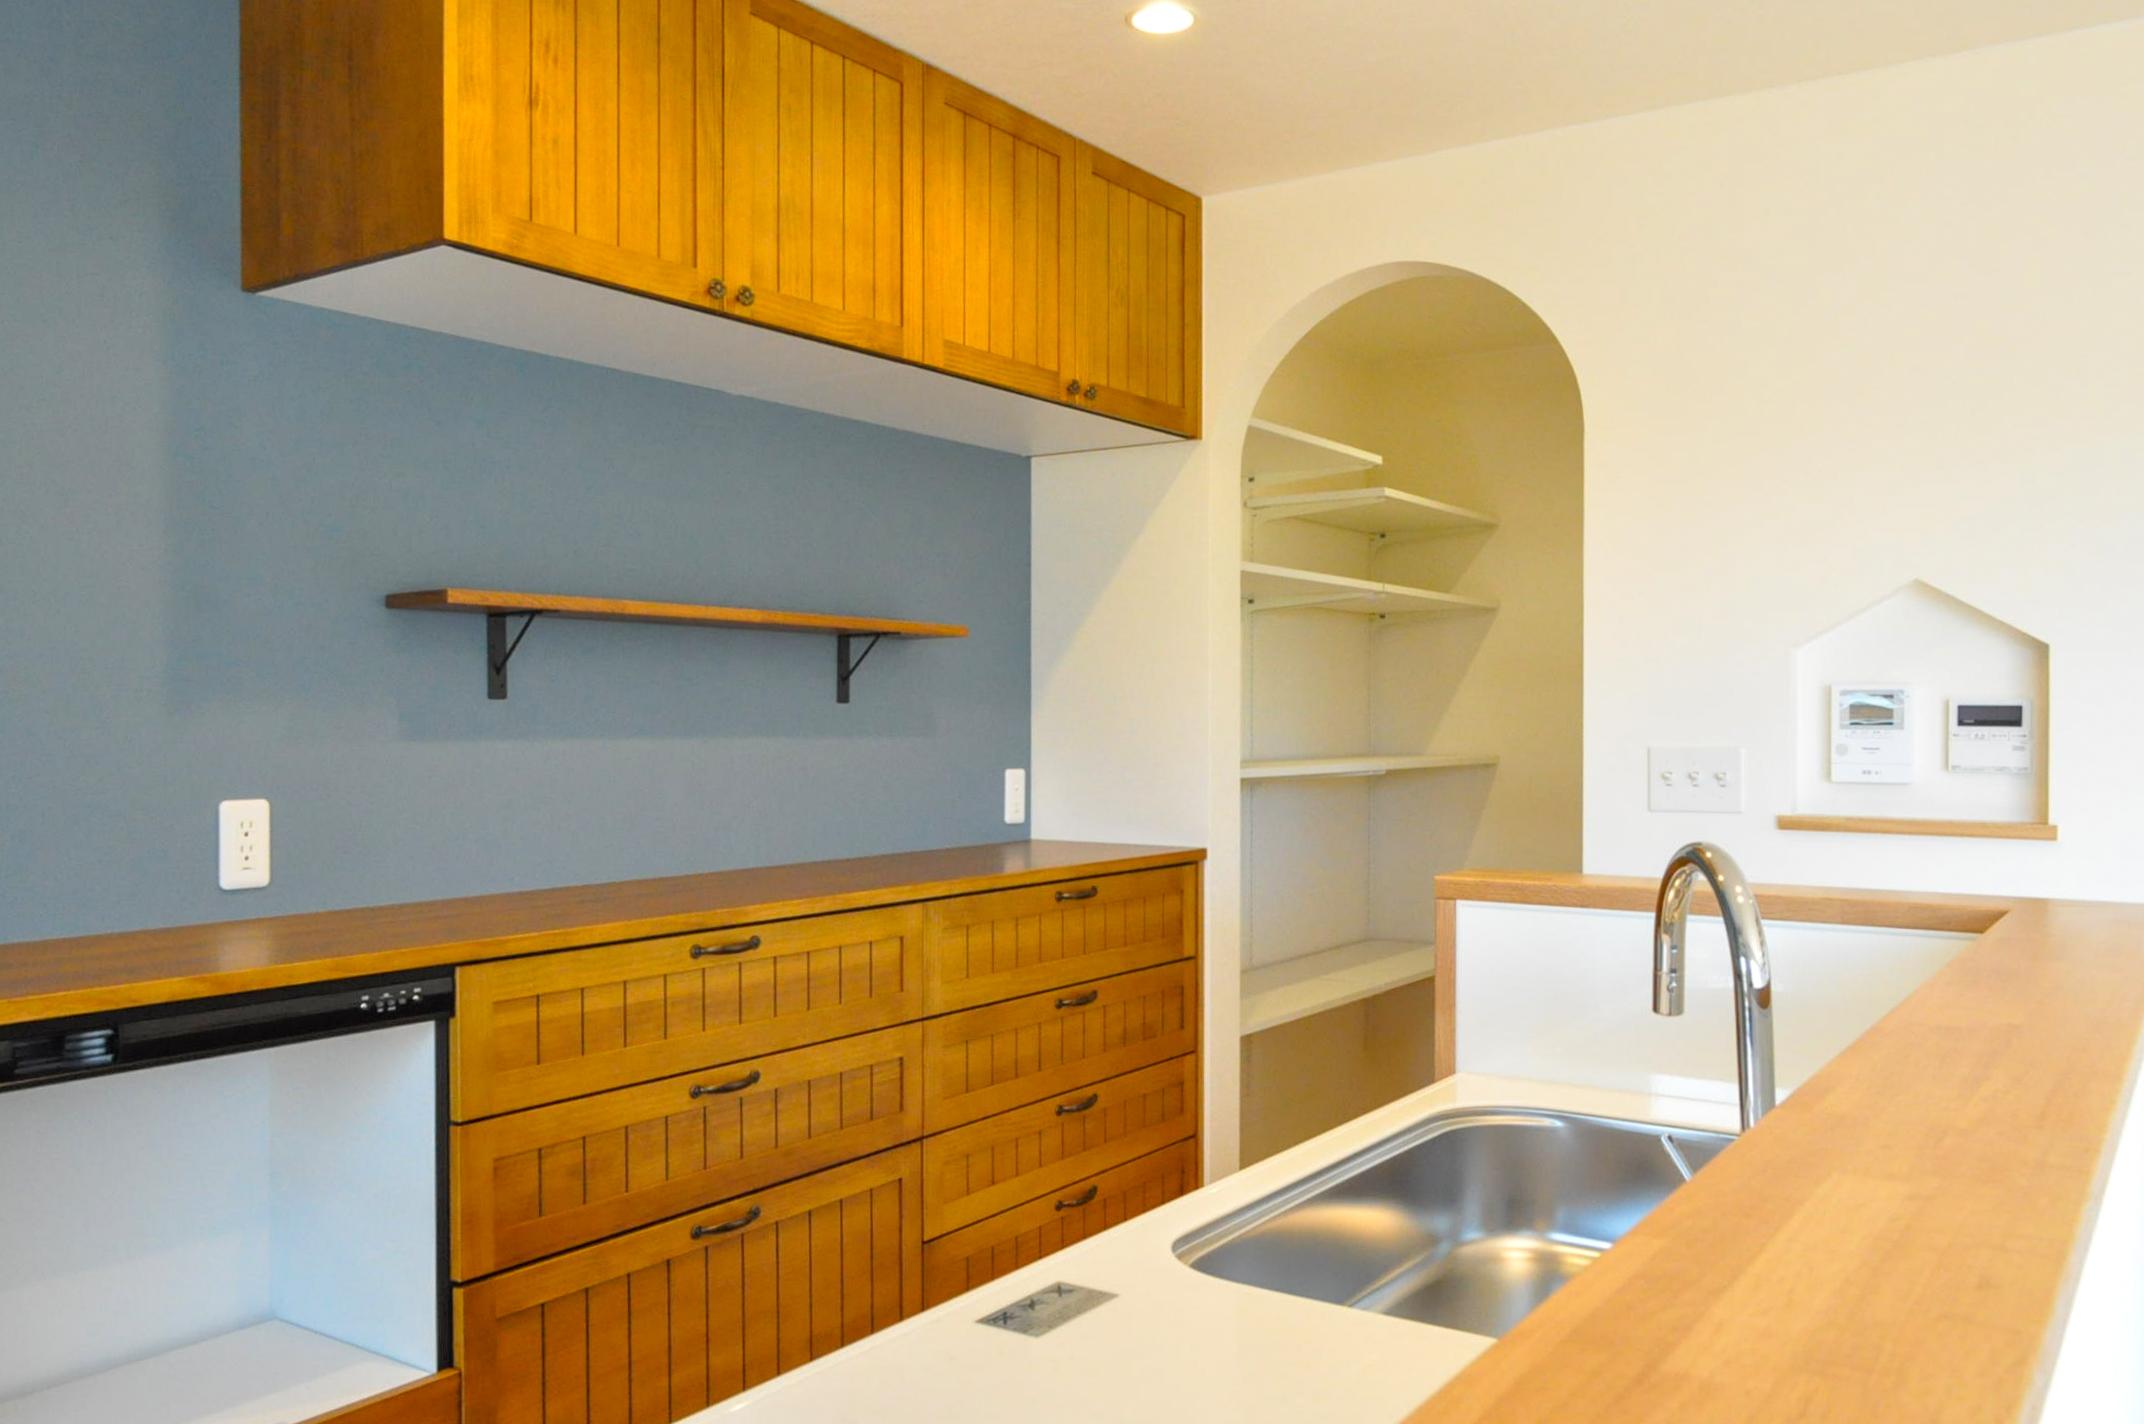 シンカ【デザイン住宅、収納力、自然素材】キッチンの収納は一つ一つがかわいく、使い勝手も抜群